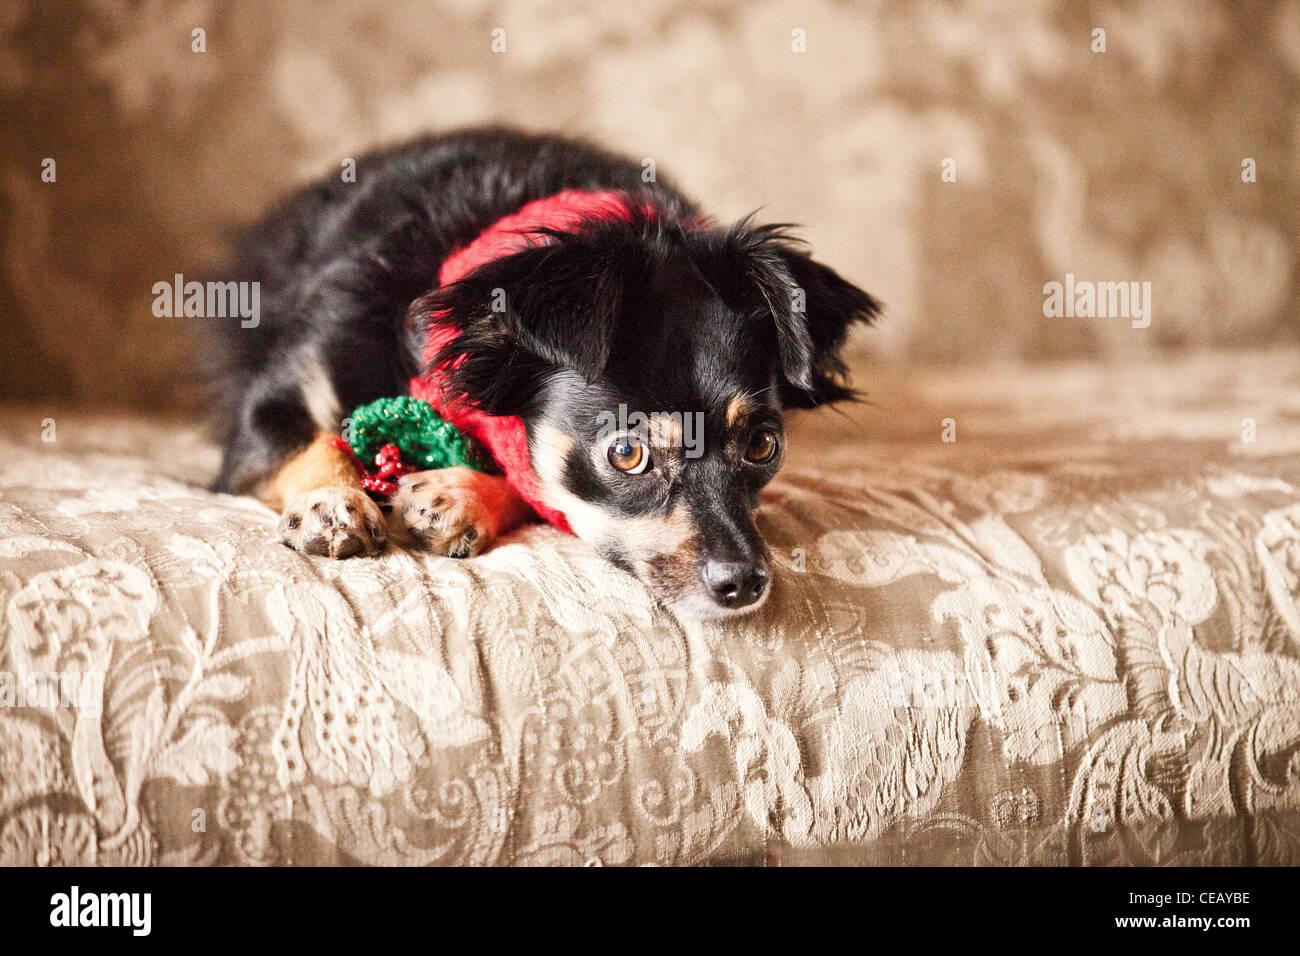 Retrato de perro llevar bufanda Imagen De Stock